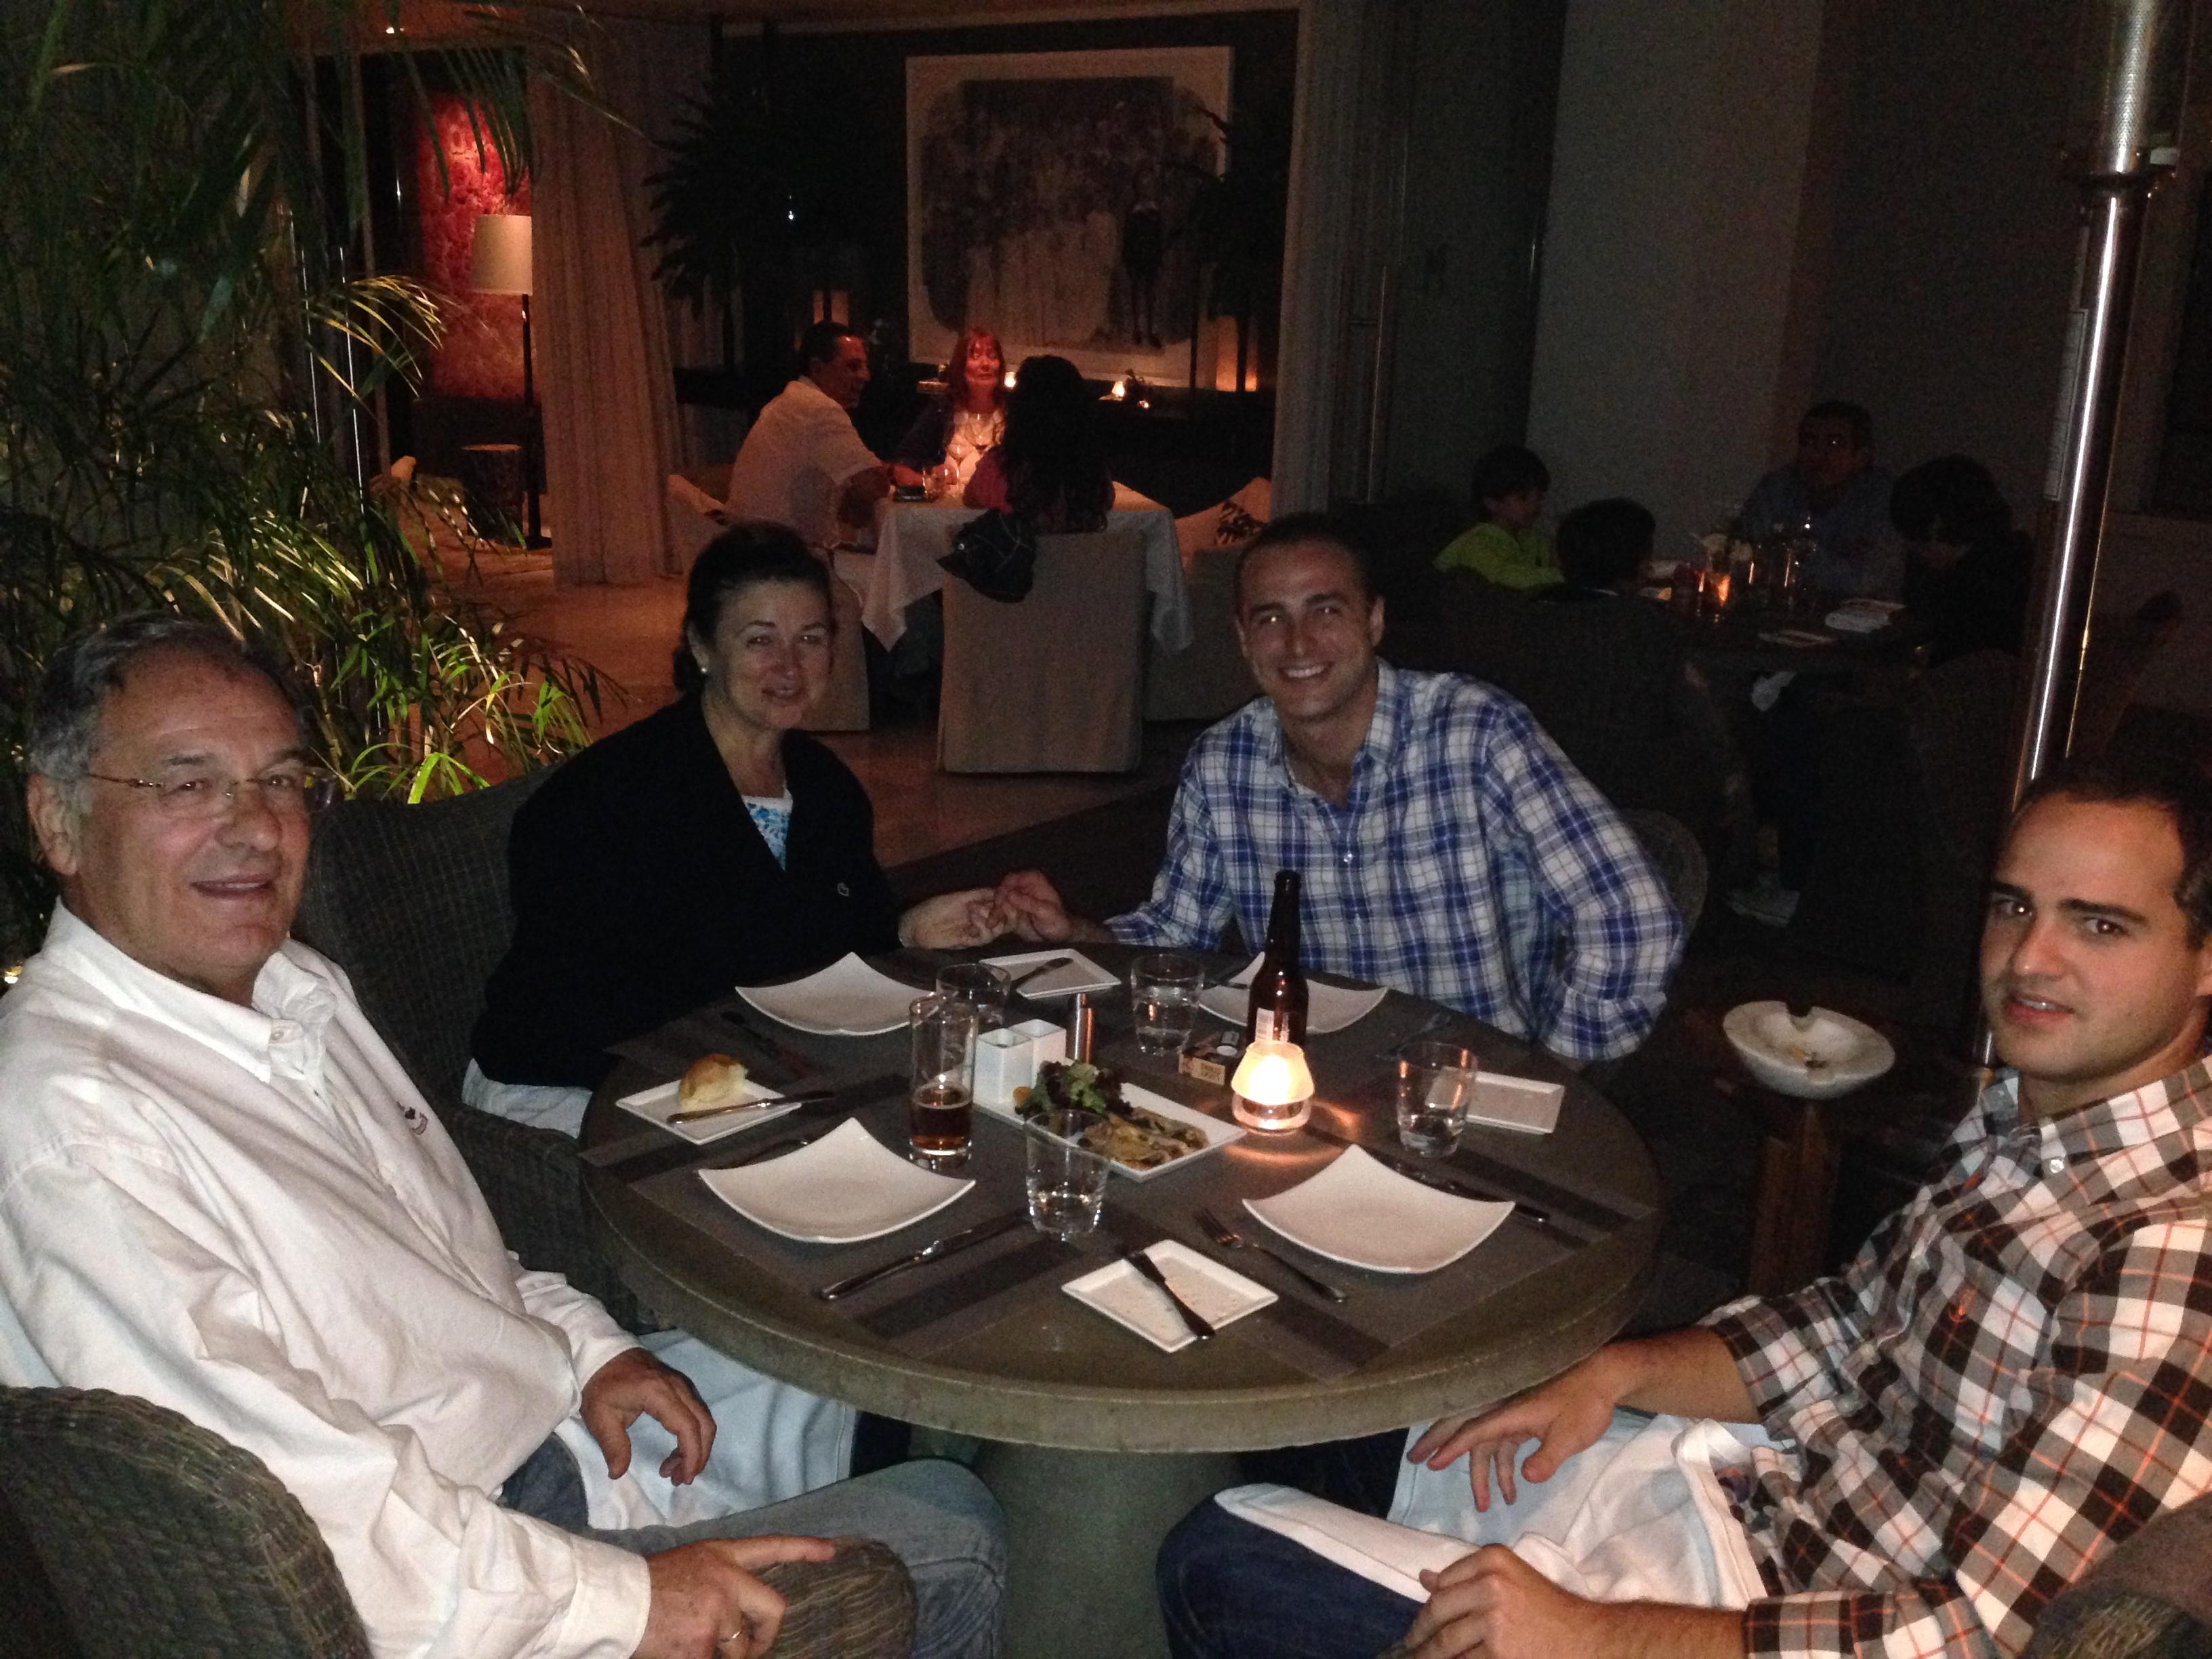 Los 4 felices y contentos cenando juntos en México